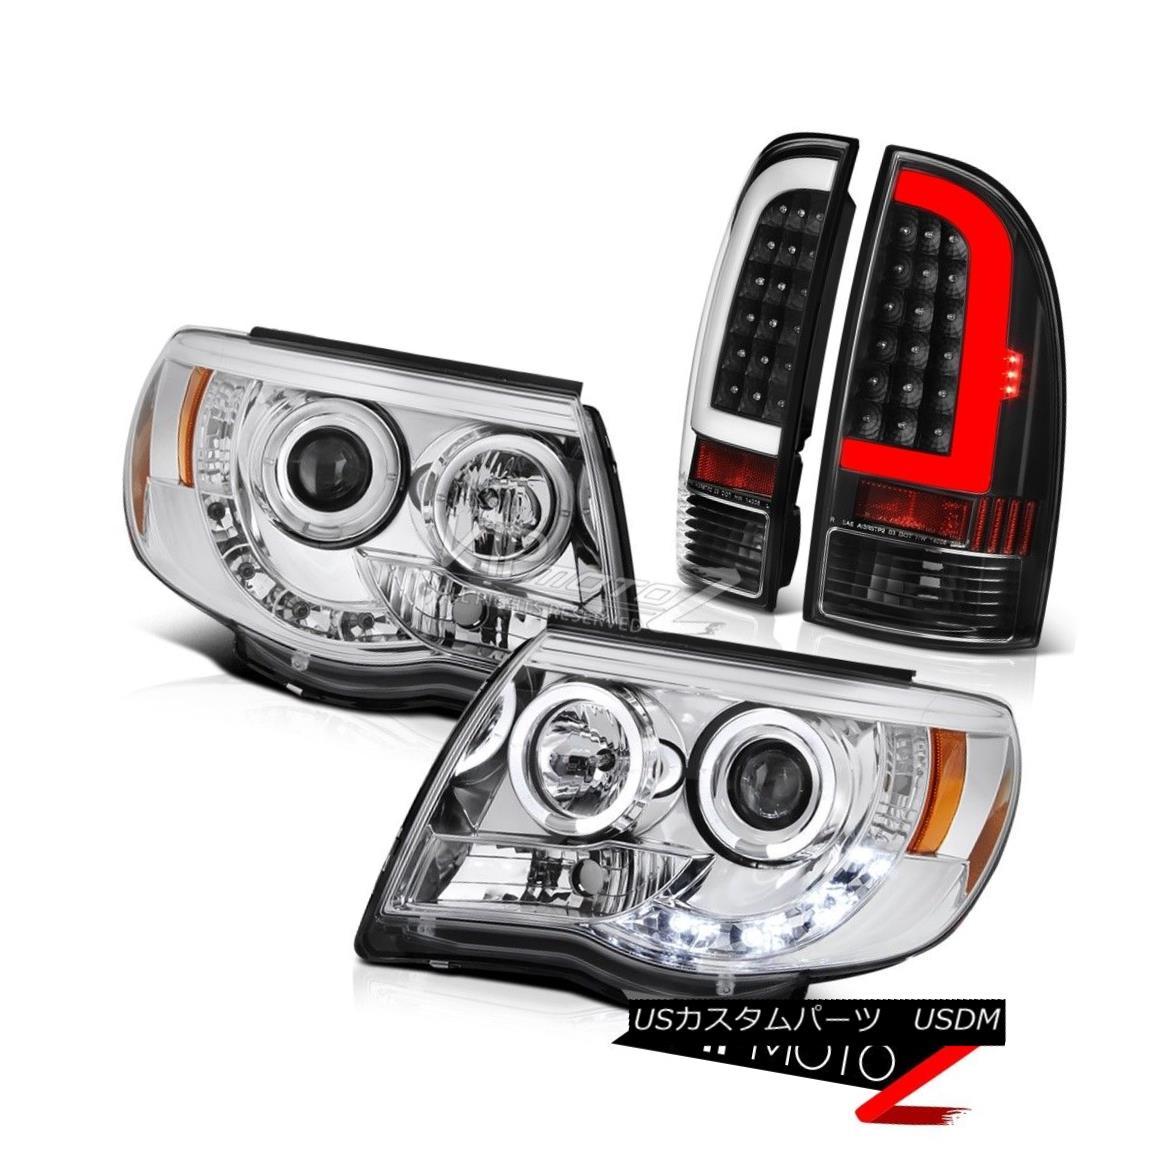 ヘッドライト 05-11 Toyota Tacoma Black Neon Tube Rear Clear Chrome Projector Head Lamps Pair 05-11トヨタタコマブラックネオンチューブリアクリアクロームプロジェクターヘッドランプペア